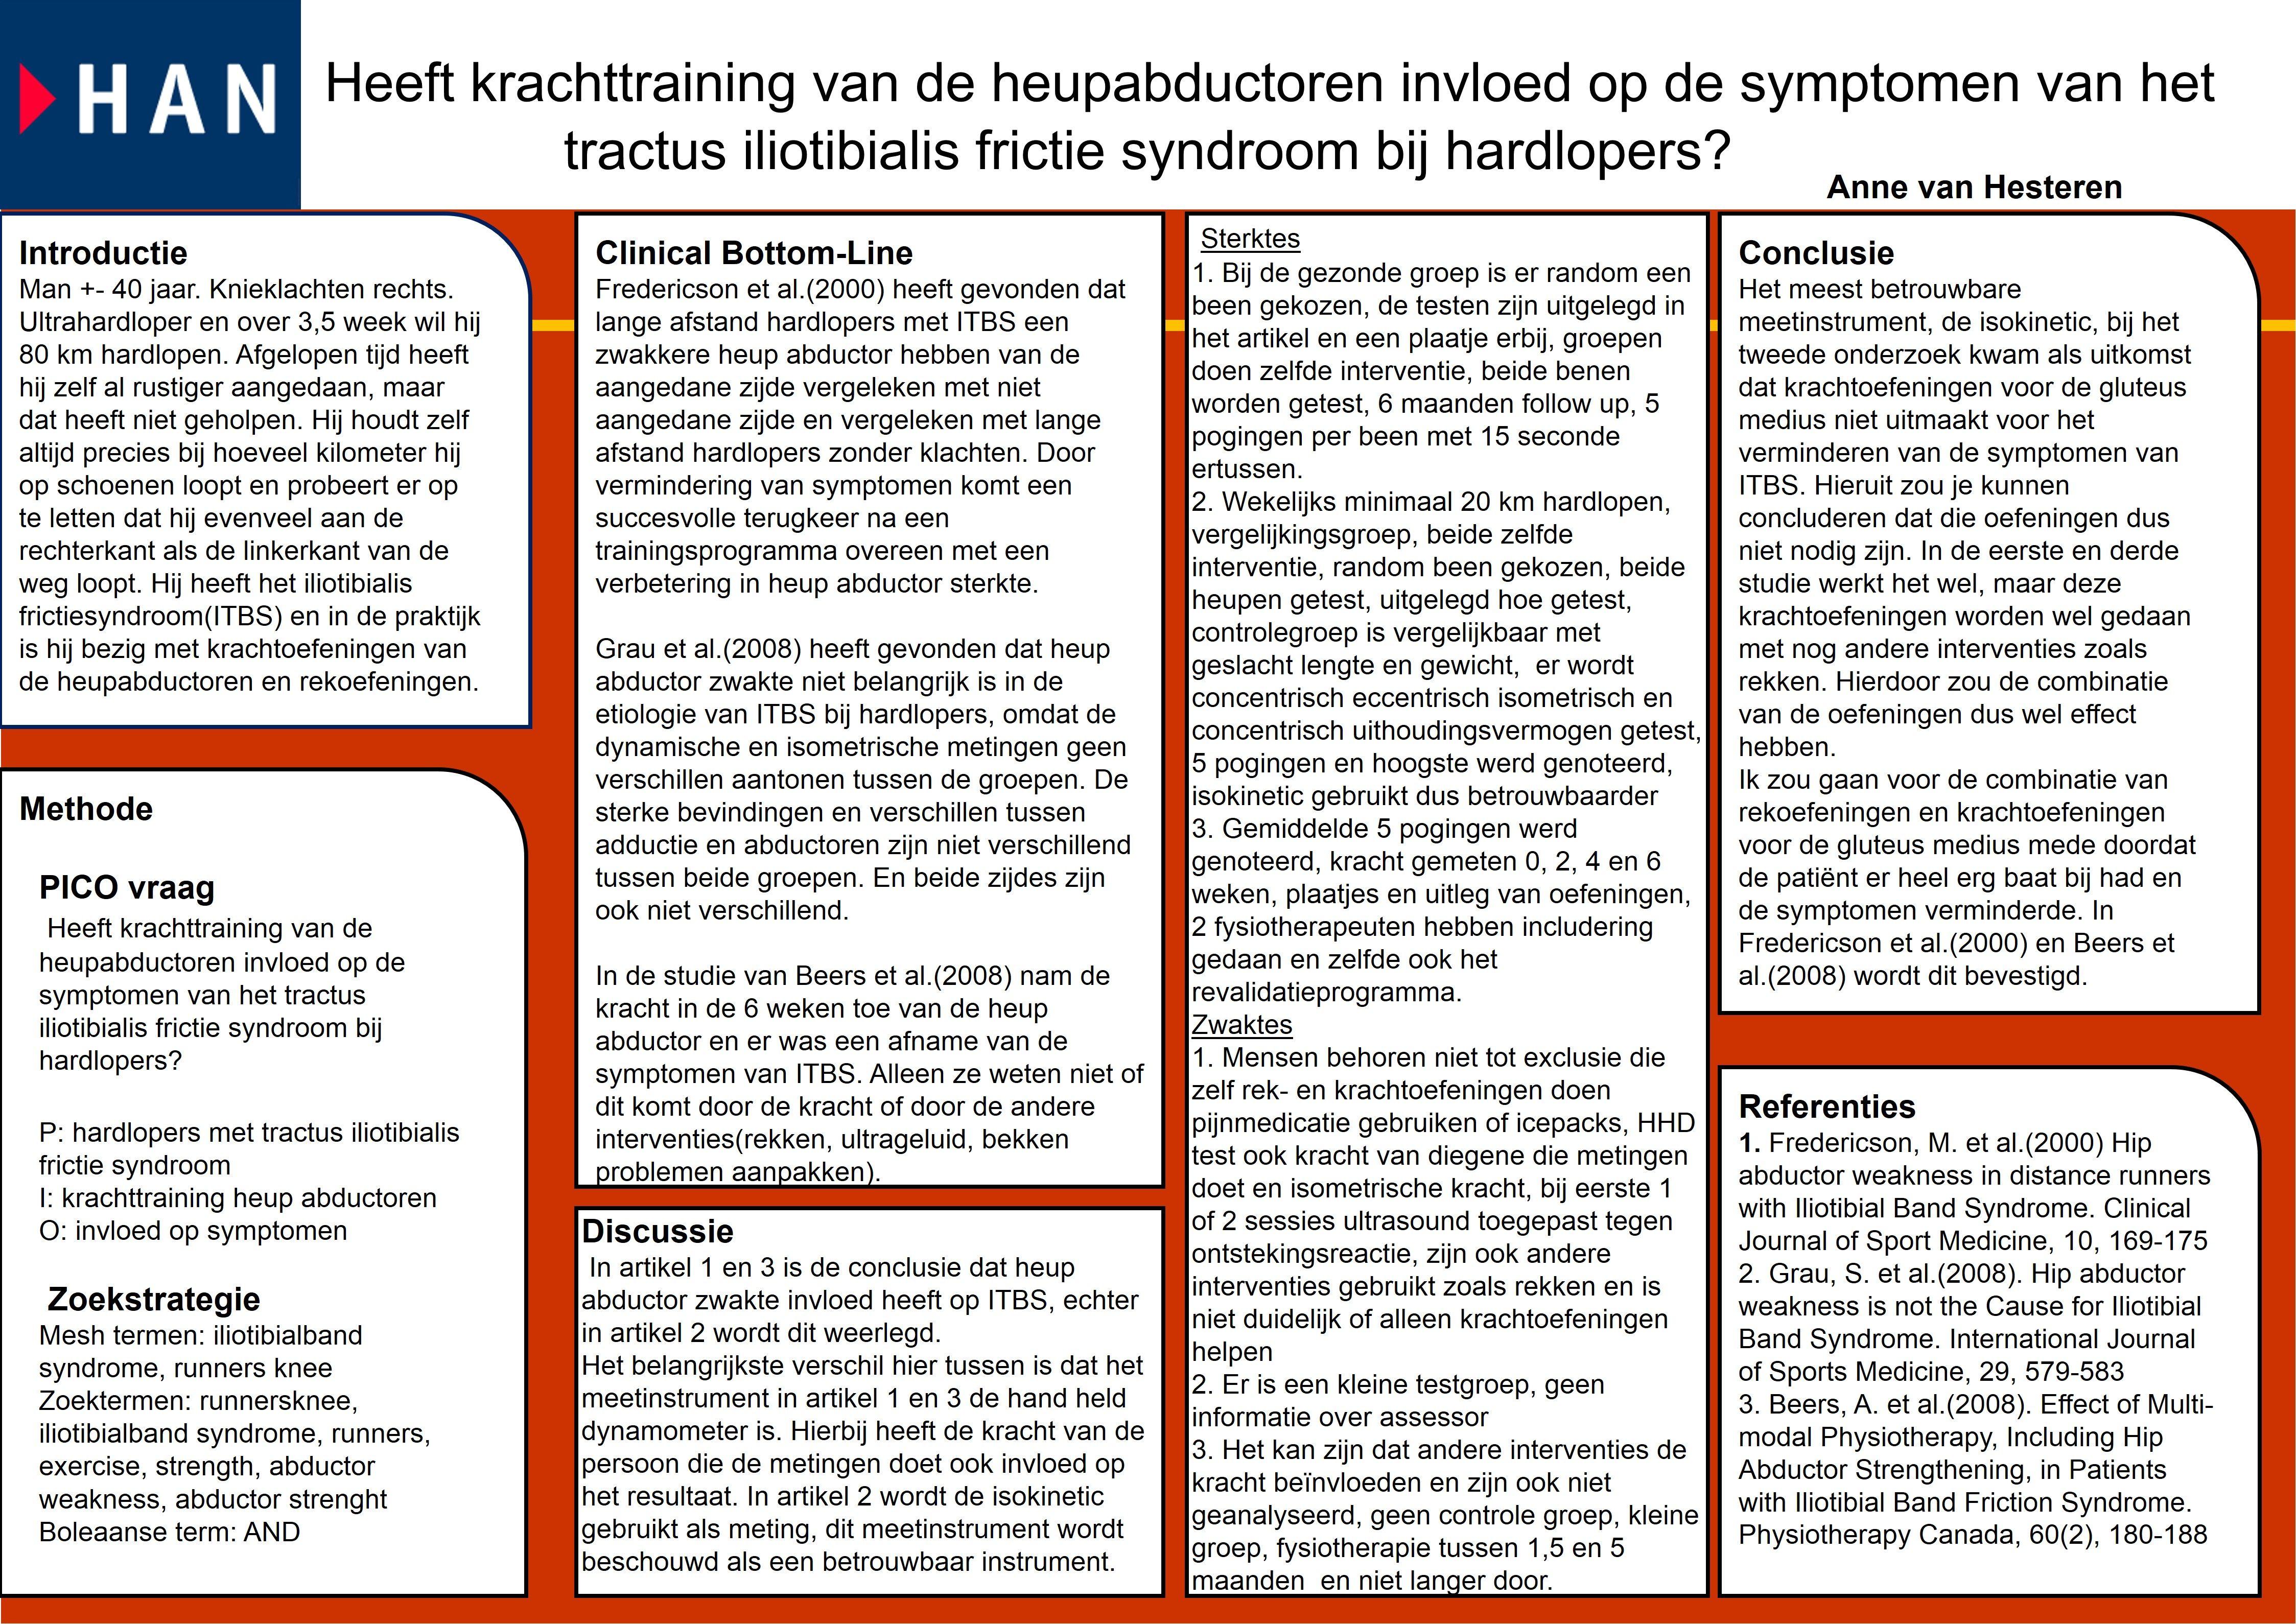 Heeft krachttraining van de heupabductoren invloed op de symptomen ...